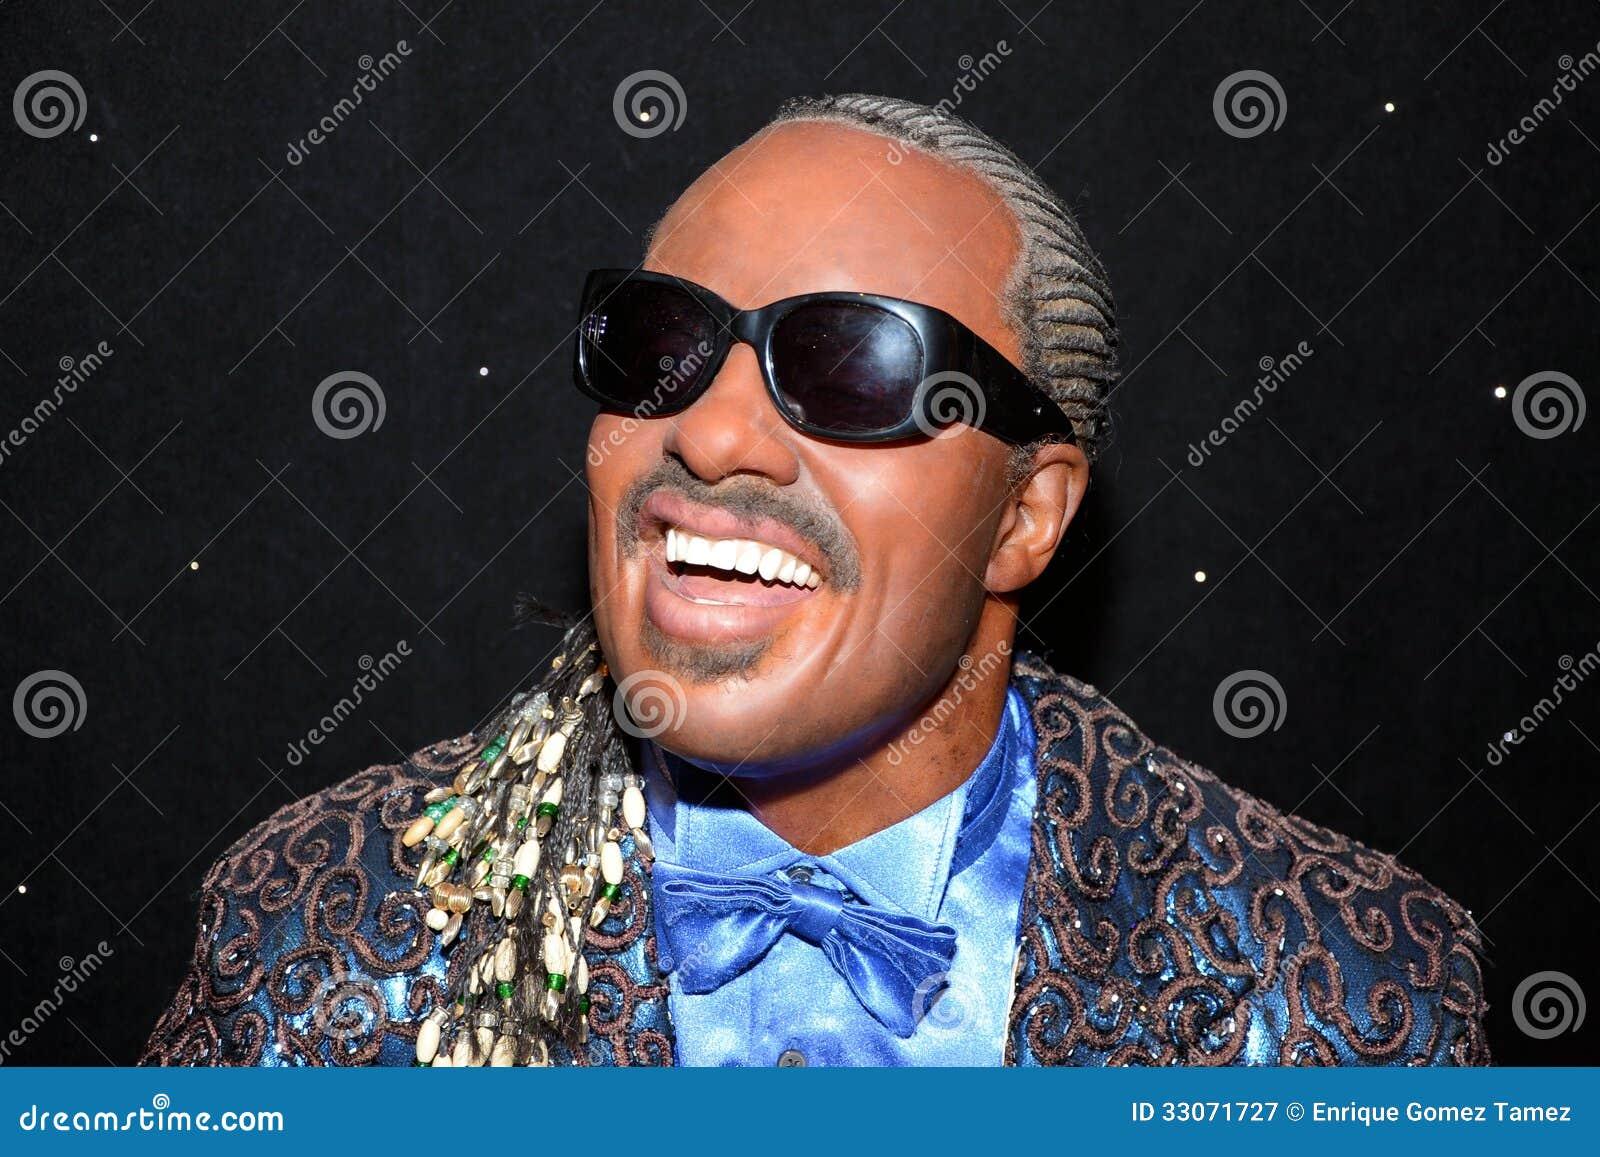 <b>Stevie Wonder</b> Redaktionelles Stockfotografie - stevie-wonder-33071727